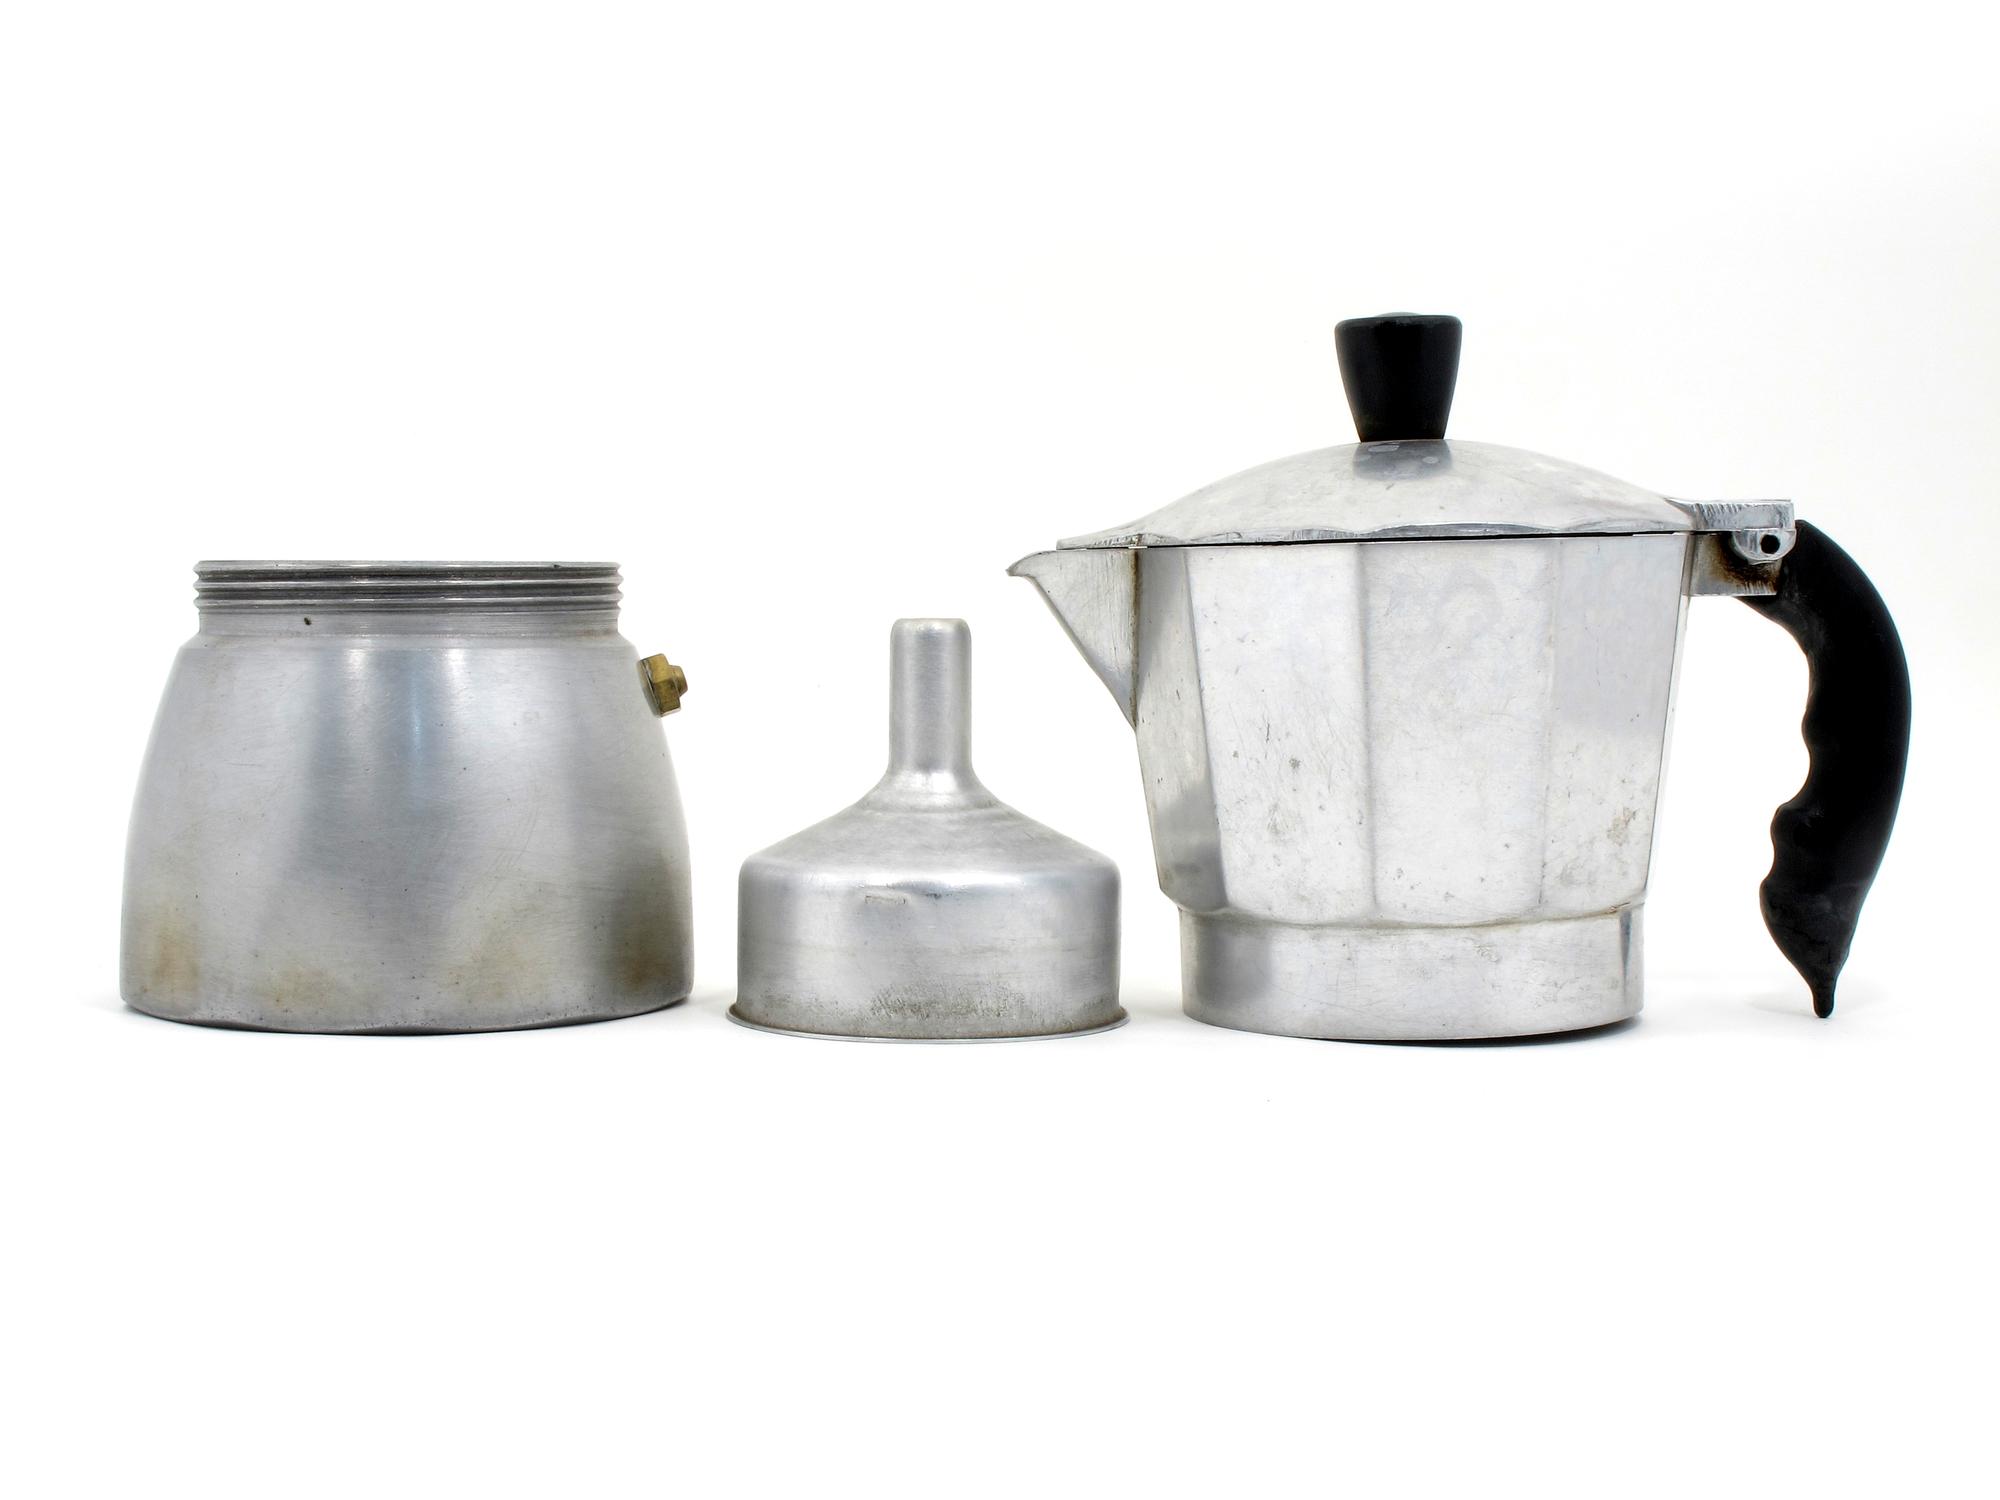 Moka Pot Component